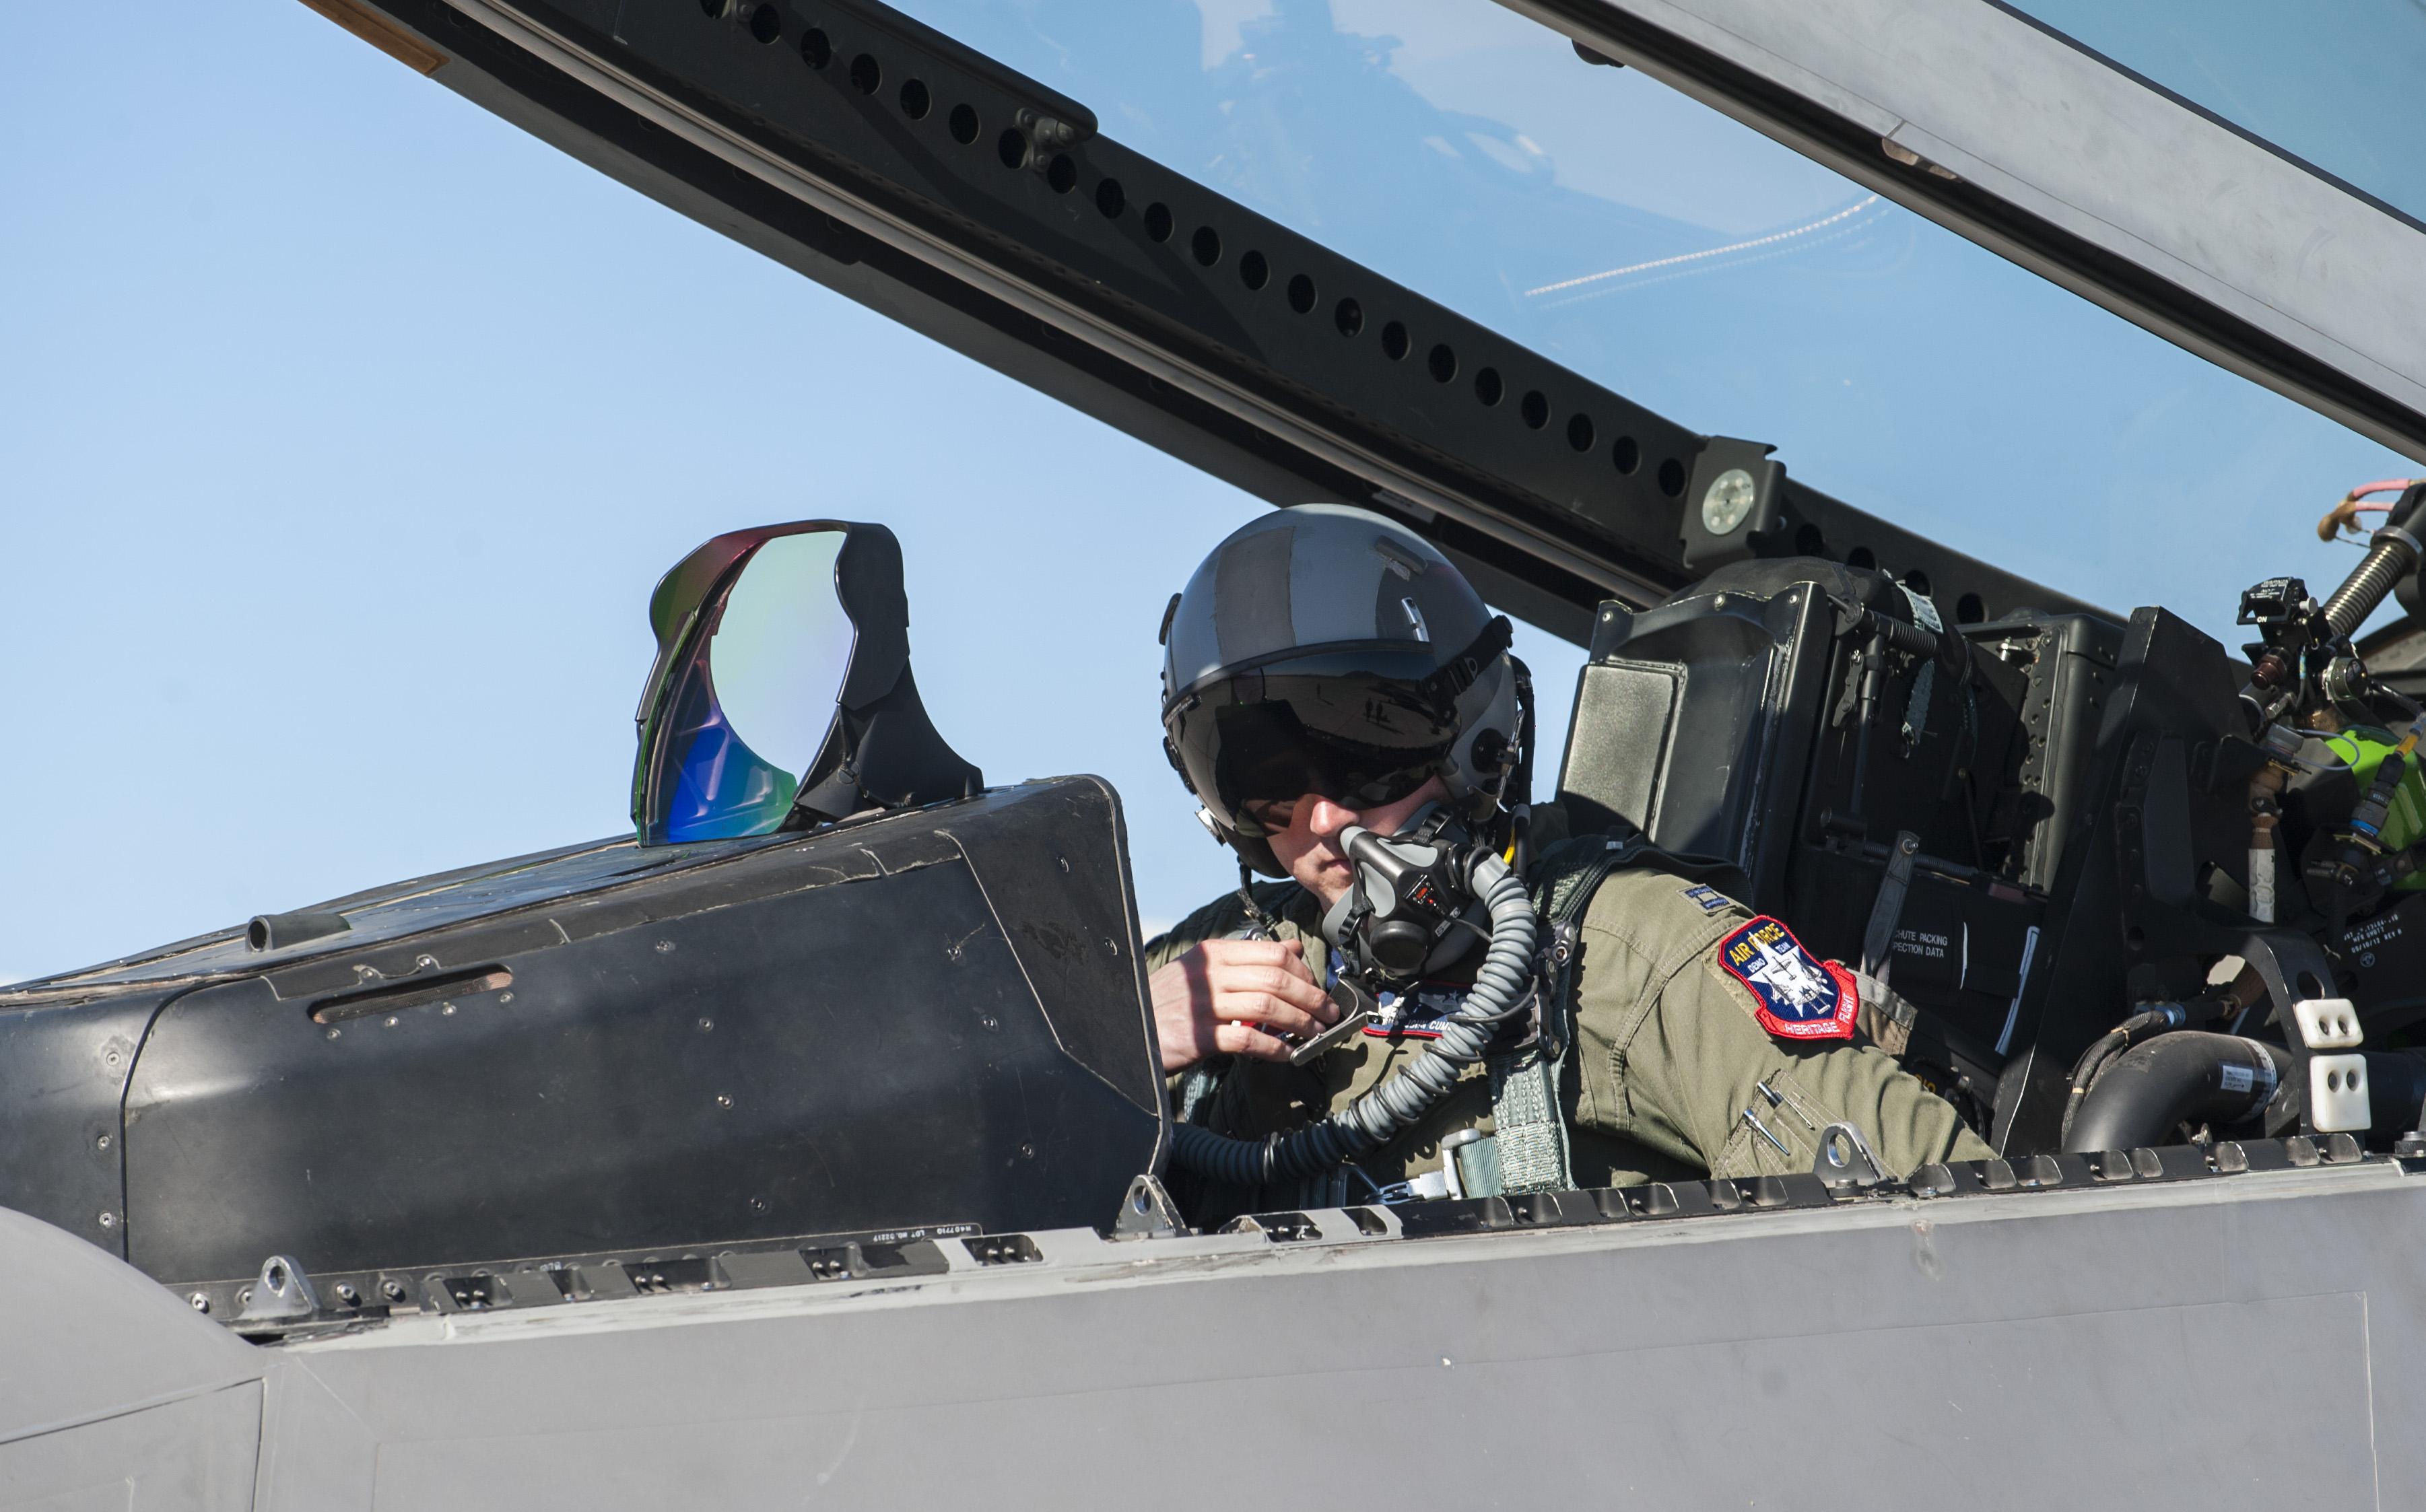 Raptor demo team soars into sky > Nellis Air Force Base > News Usaf Fighter Pilot F 22